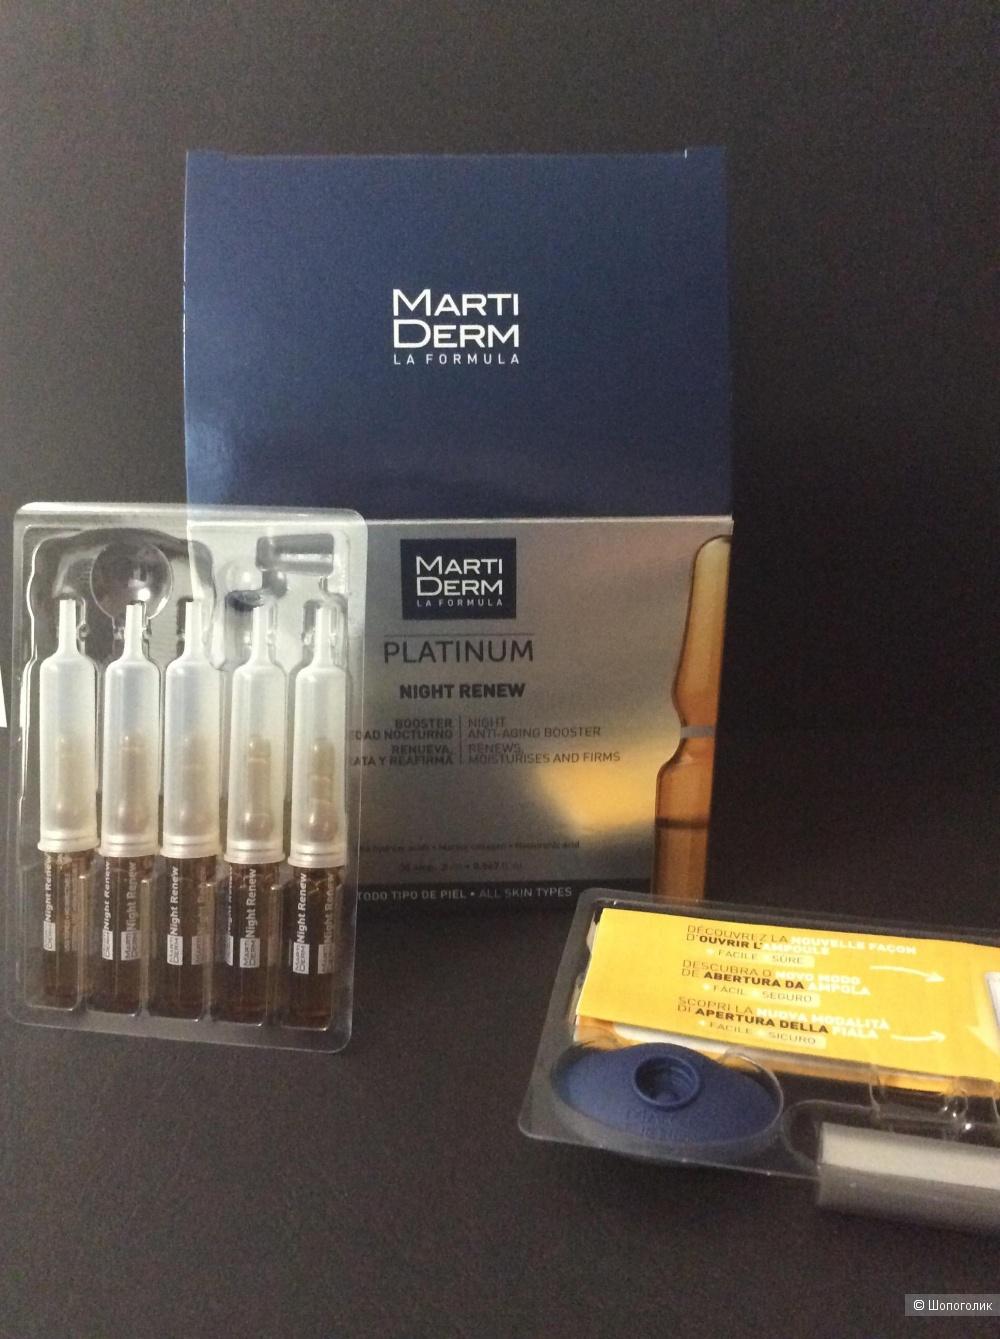 MartiDerm Platinum Night Renew (Альфа пилинг) Ампулы 2 мл